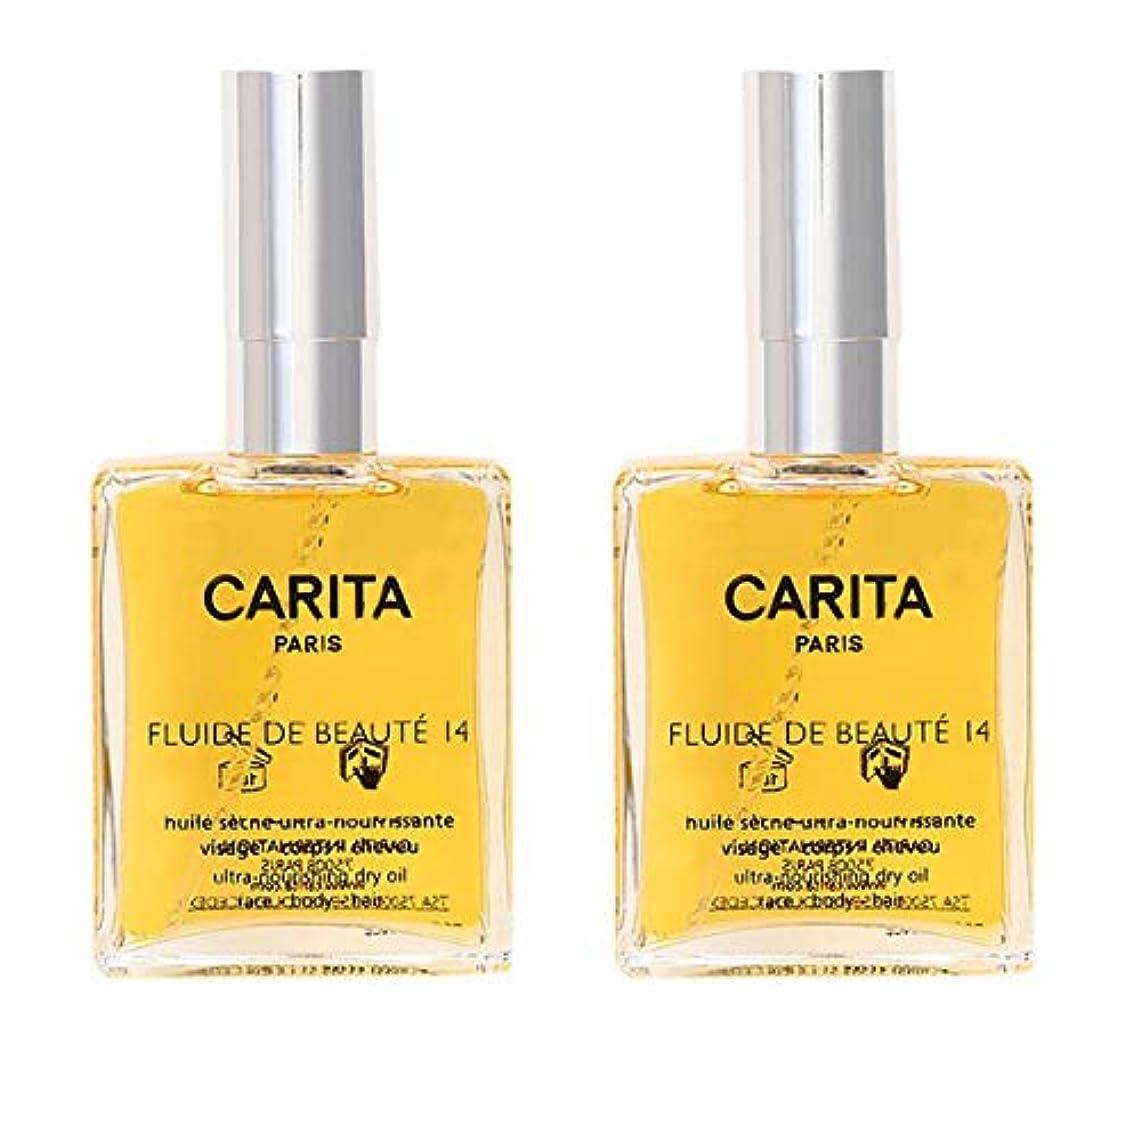 収入機知に富んだ手つかずのカリタ CARITA カリタ 14 (コスメティックオイル) 100mL 2個セット [並行輸入品]